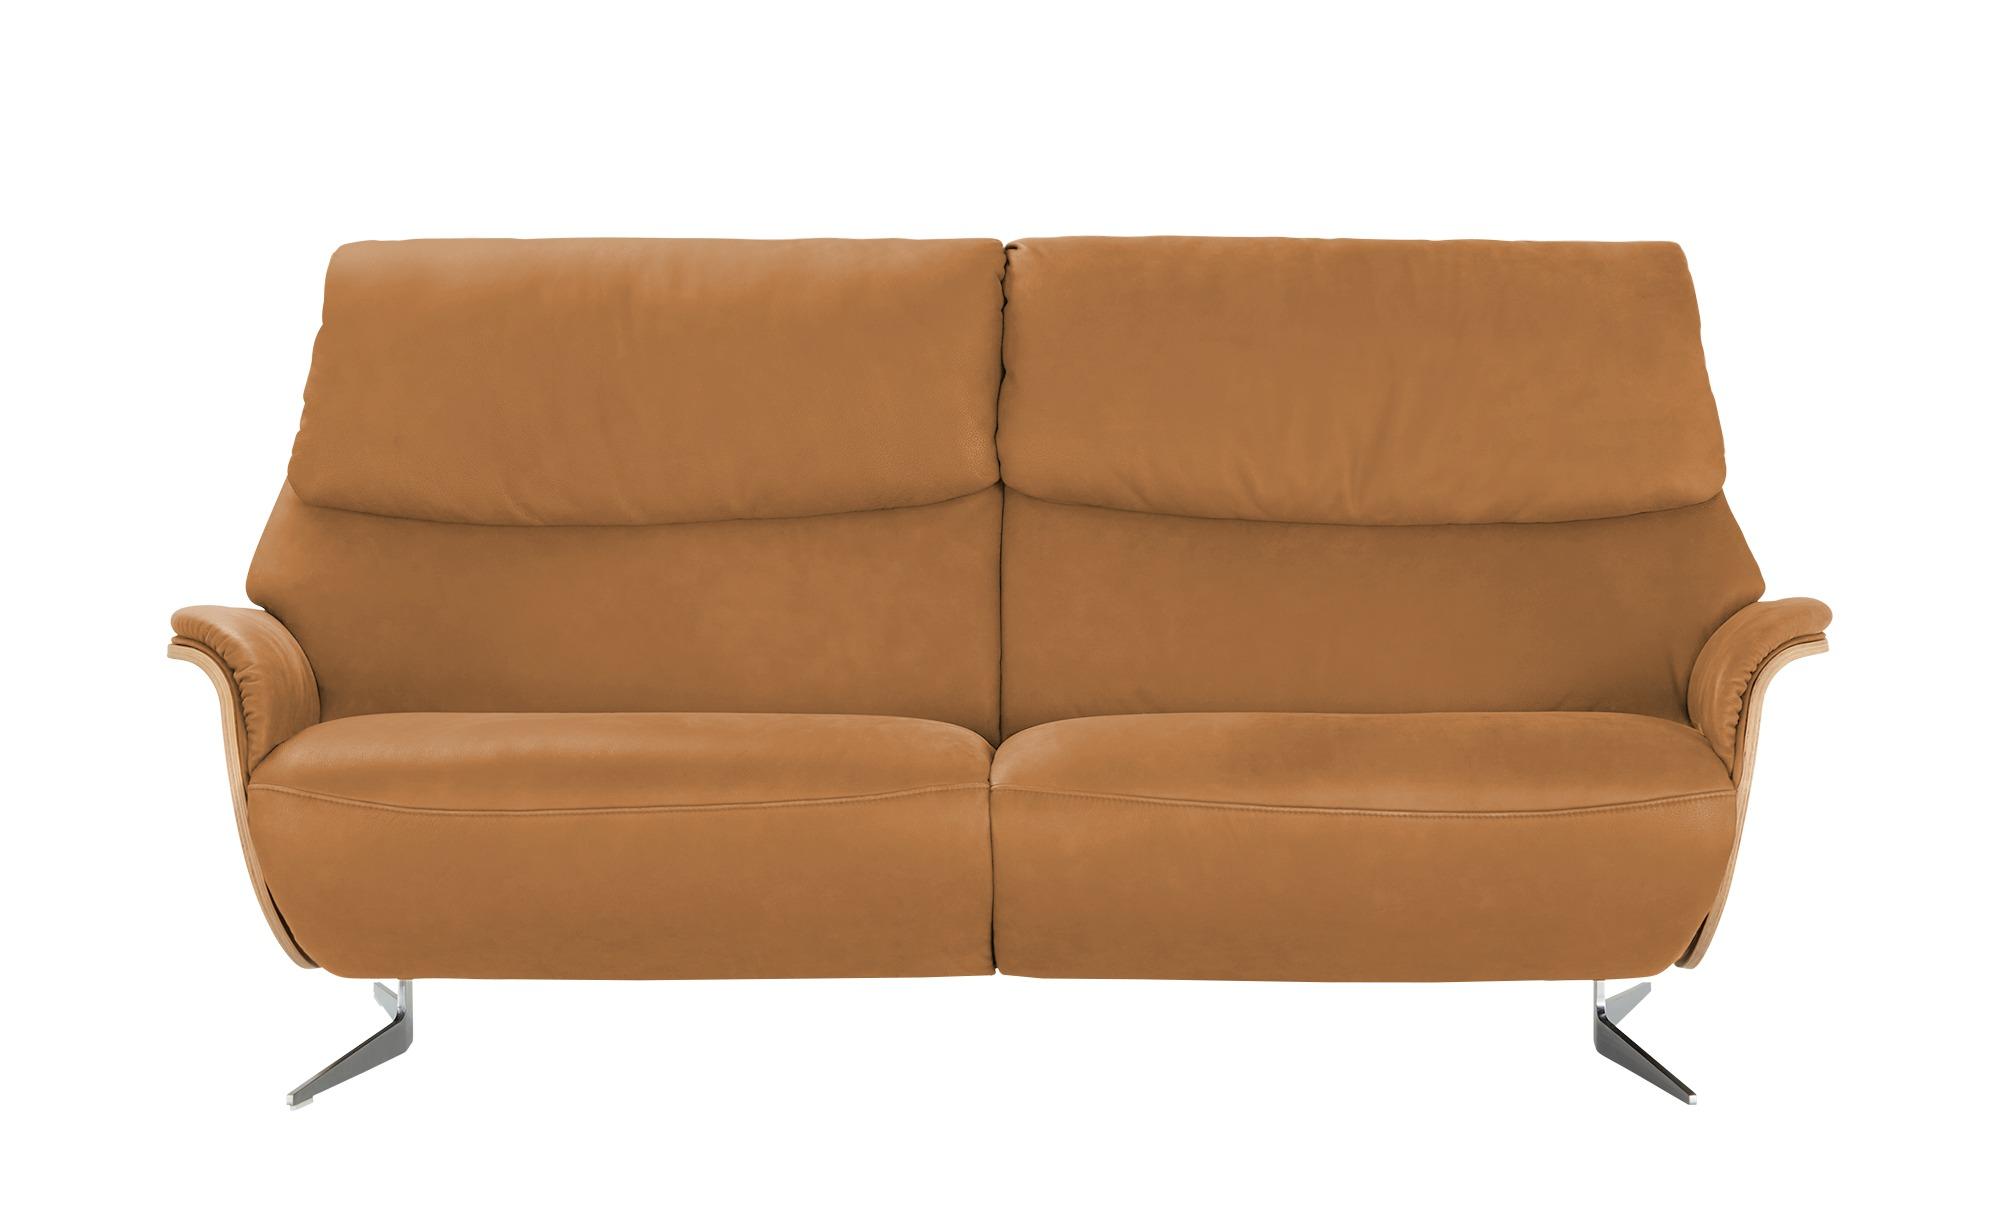 #himolla Einzelsofa Leder  4818 ¦ orange ¦ Maße (cm): B: 217 H: 106 T: 92 Polstermöbel > Sofas > 3-Sitzer – Höffner#